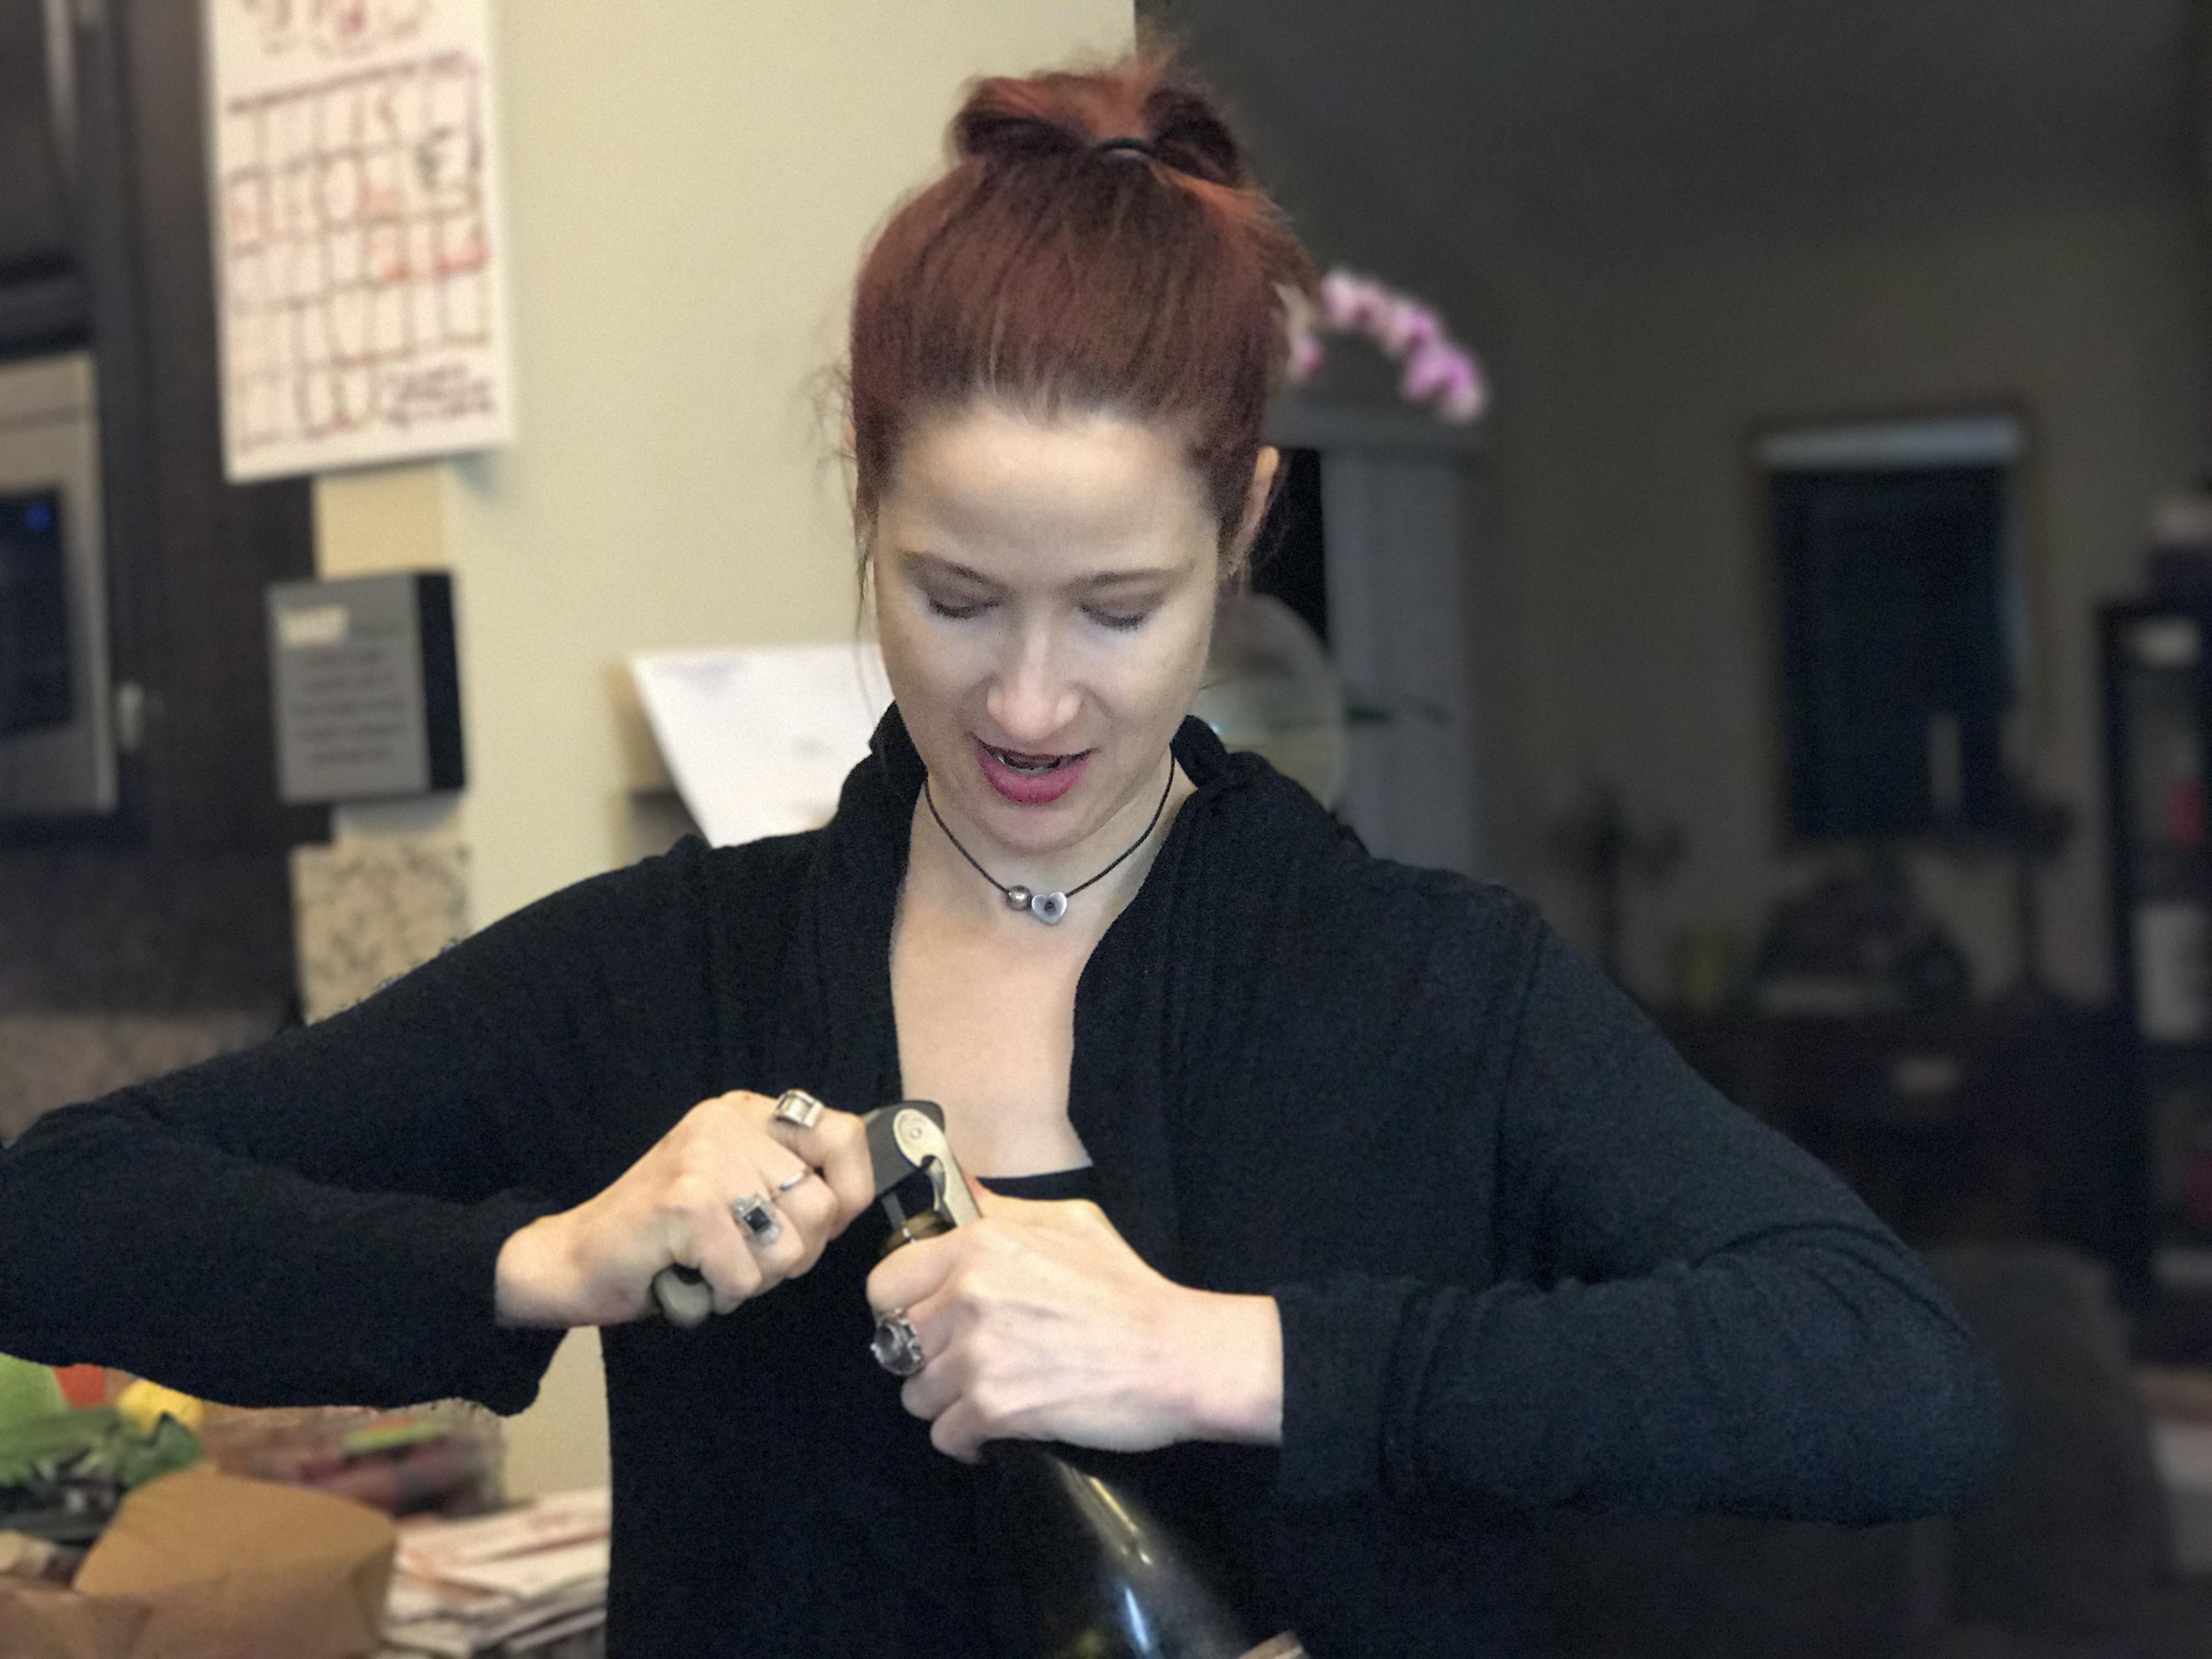 Ellen opening wine